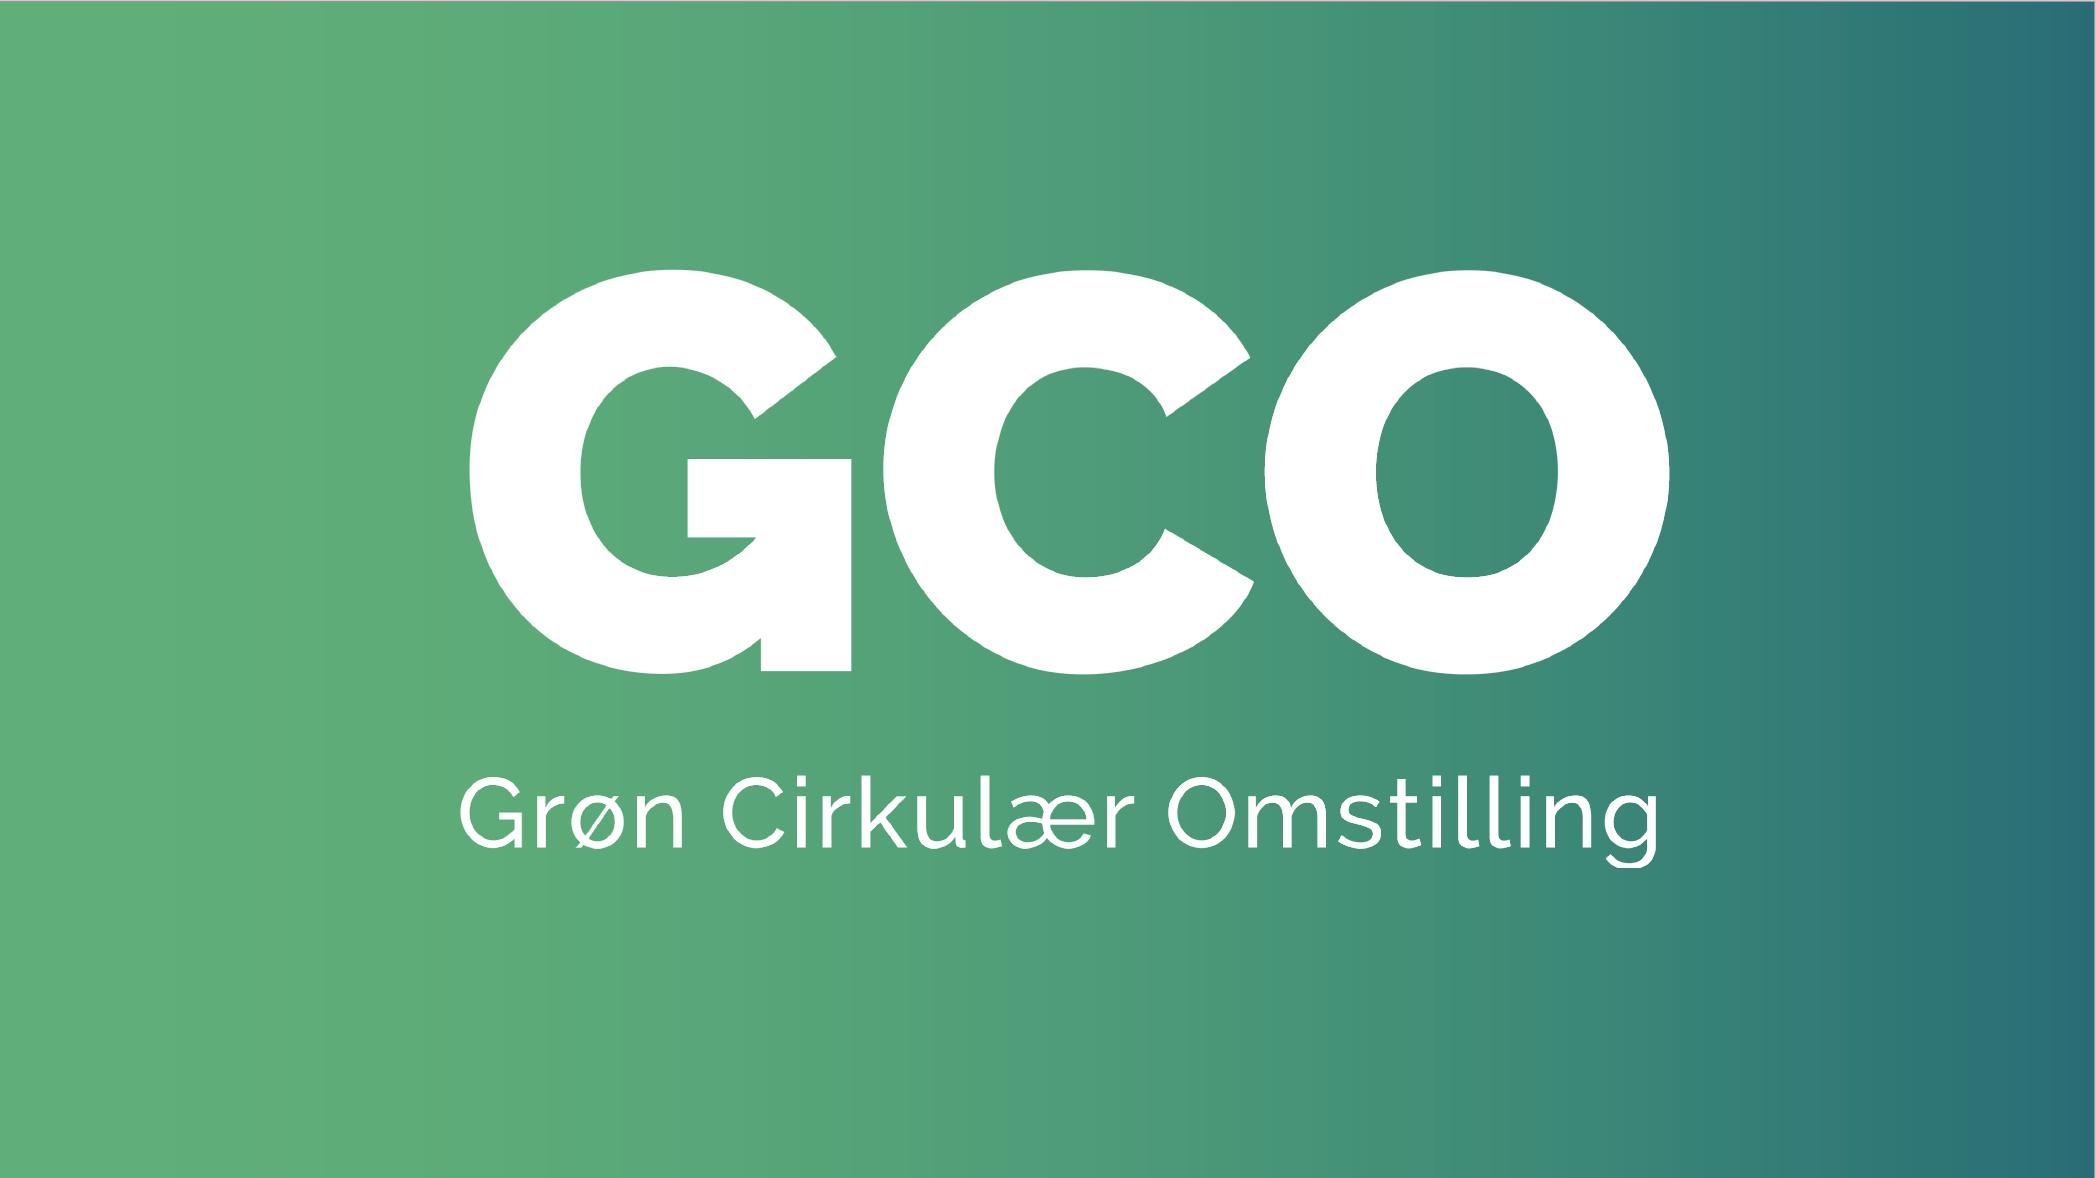 GCO – Grøn Cirkulær Omstilling